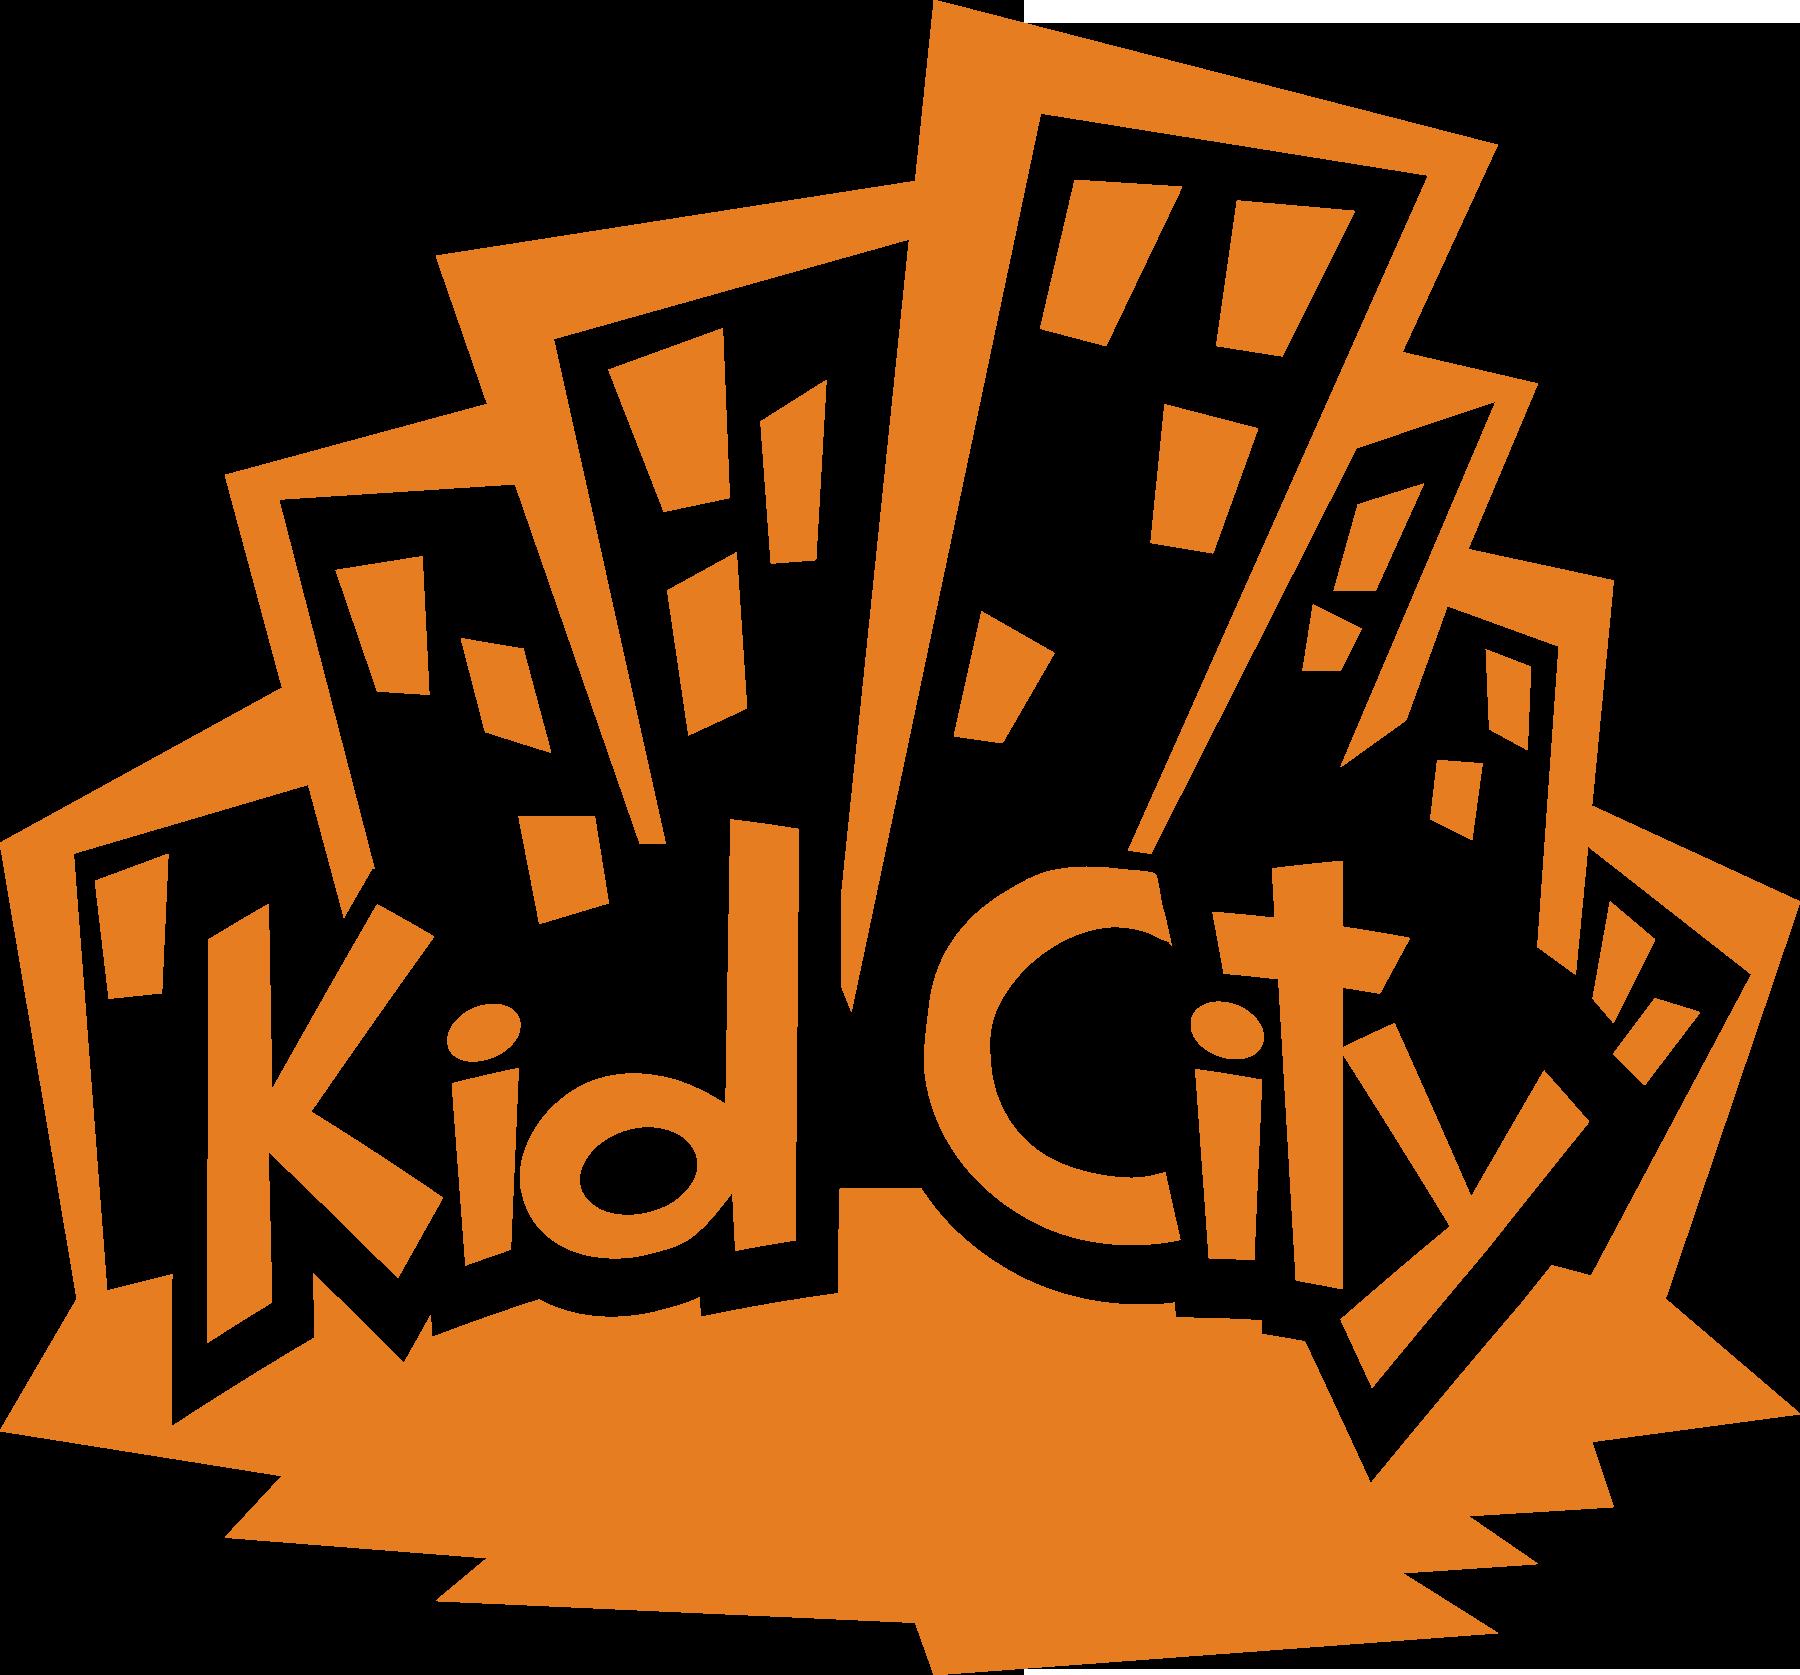 FP - Kid City Orange RGB.png